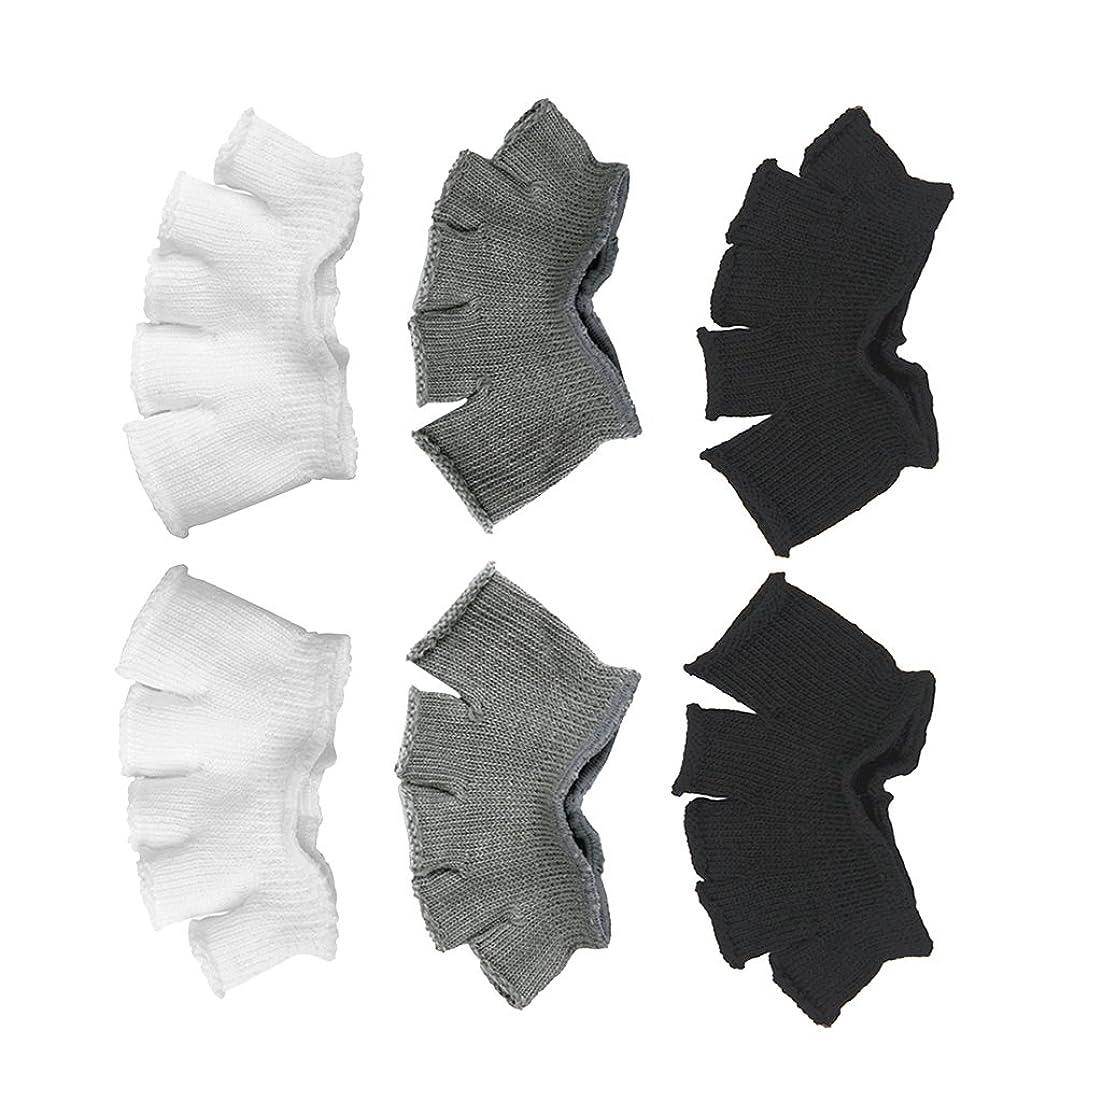 伝説型有名Footful 5本指カバー 爽快指の間カバー 3色(12枚入) 6ペア 男女兼用 足の臭い対策 抗菌 防臭 フットカバー ブラック/ホワイト/グレー